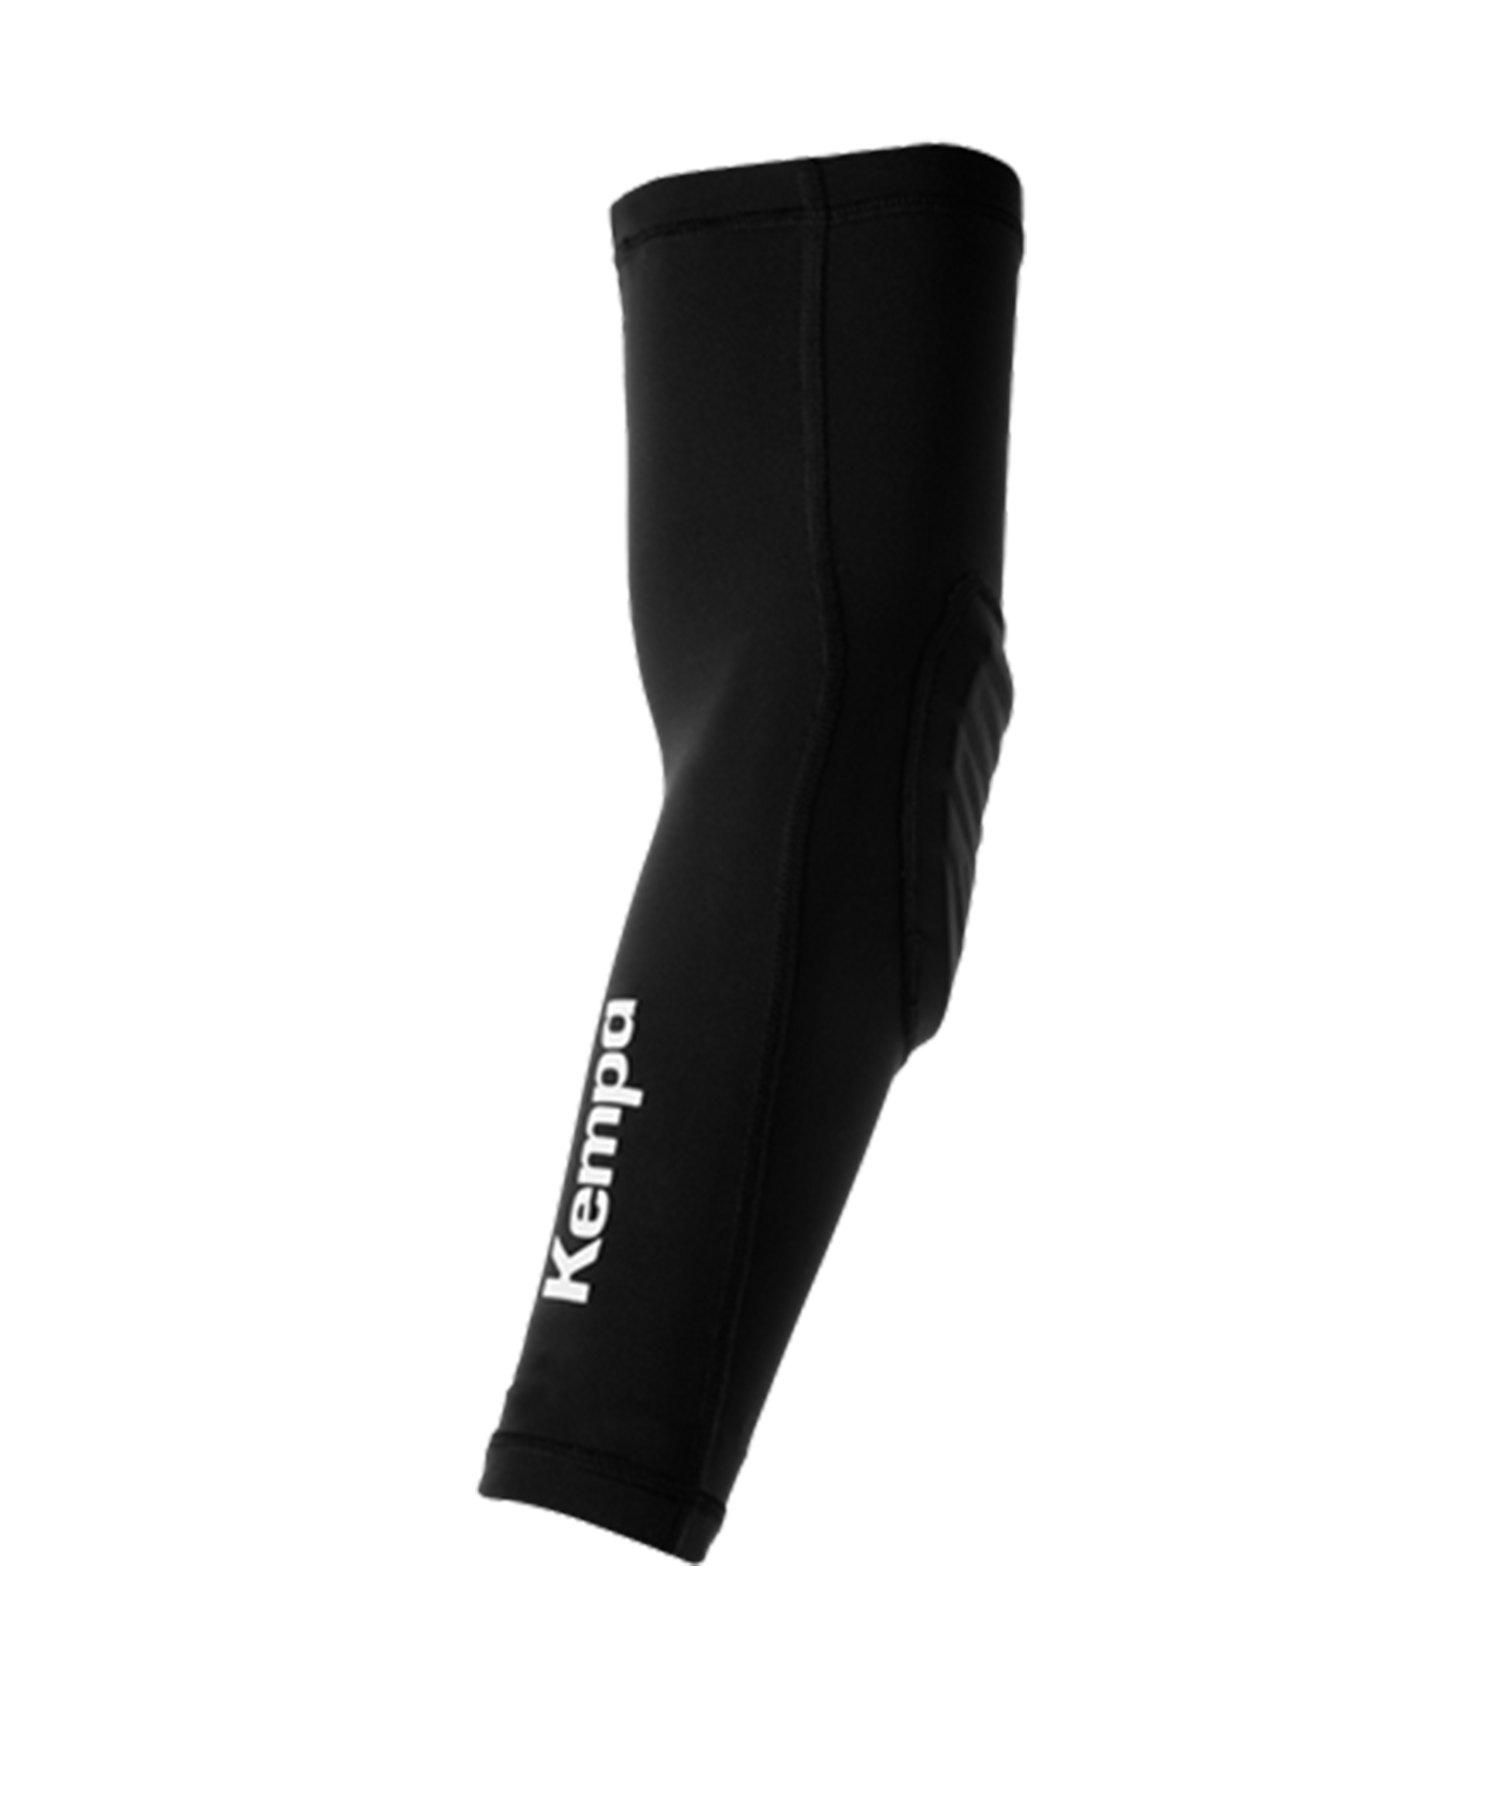 Kempa Arm Sleeve Bandage Schwarz Weiss F01 - schwarz